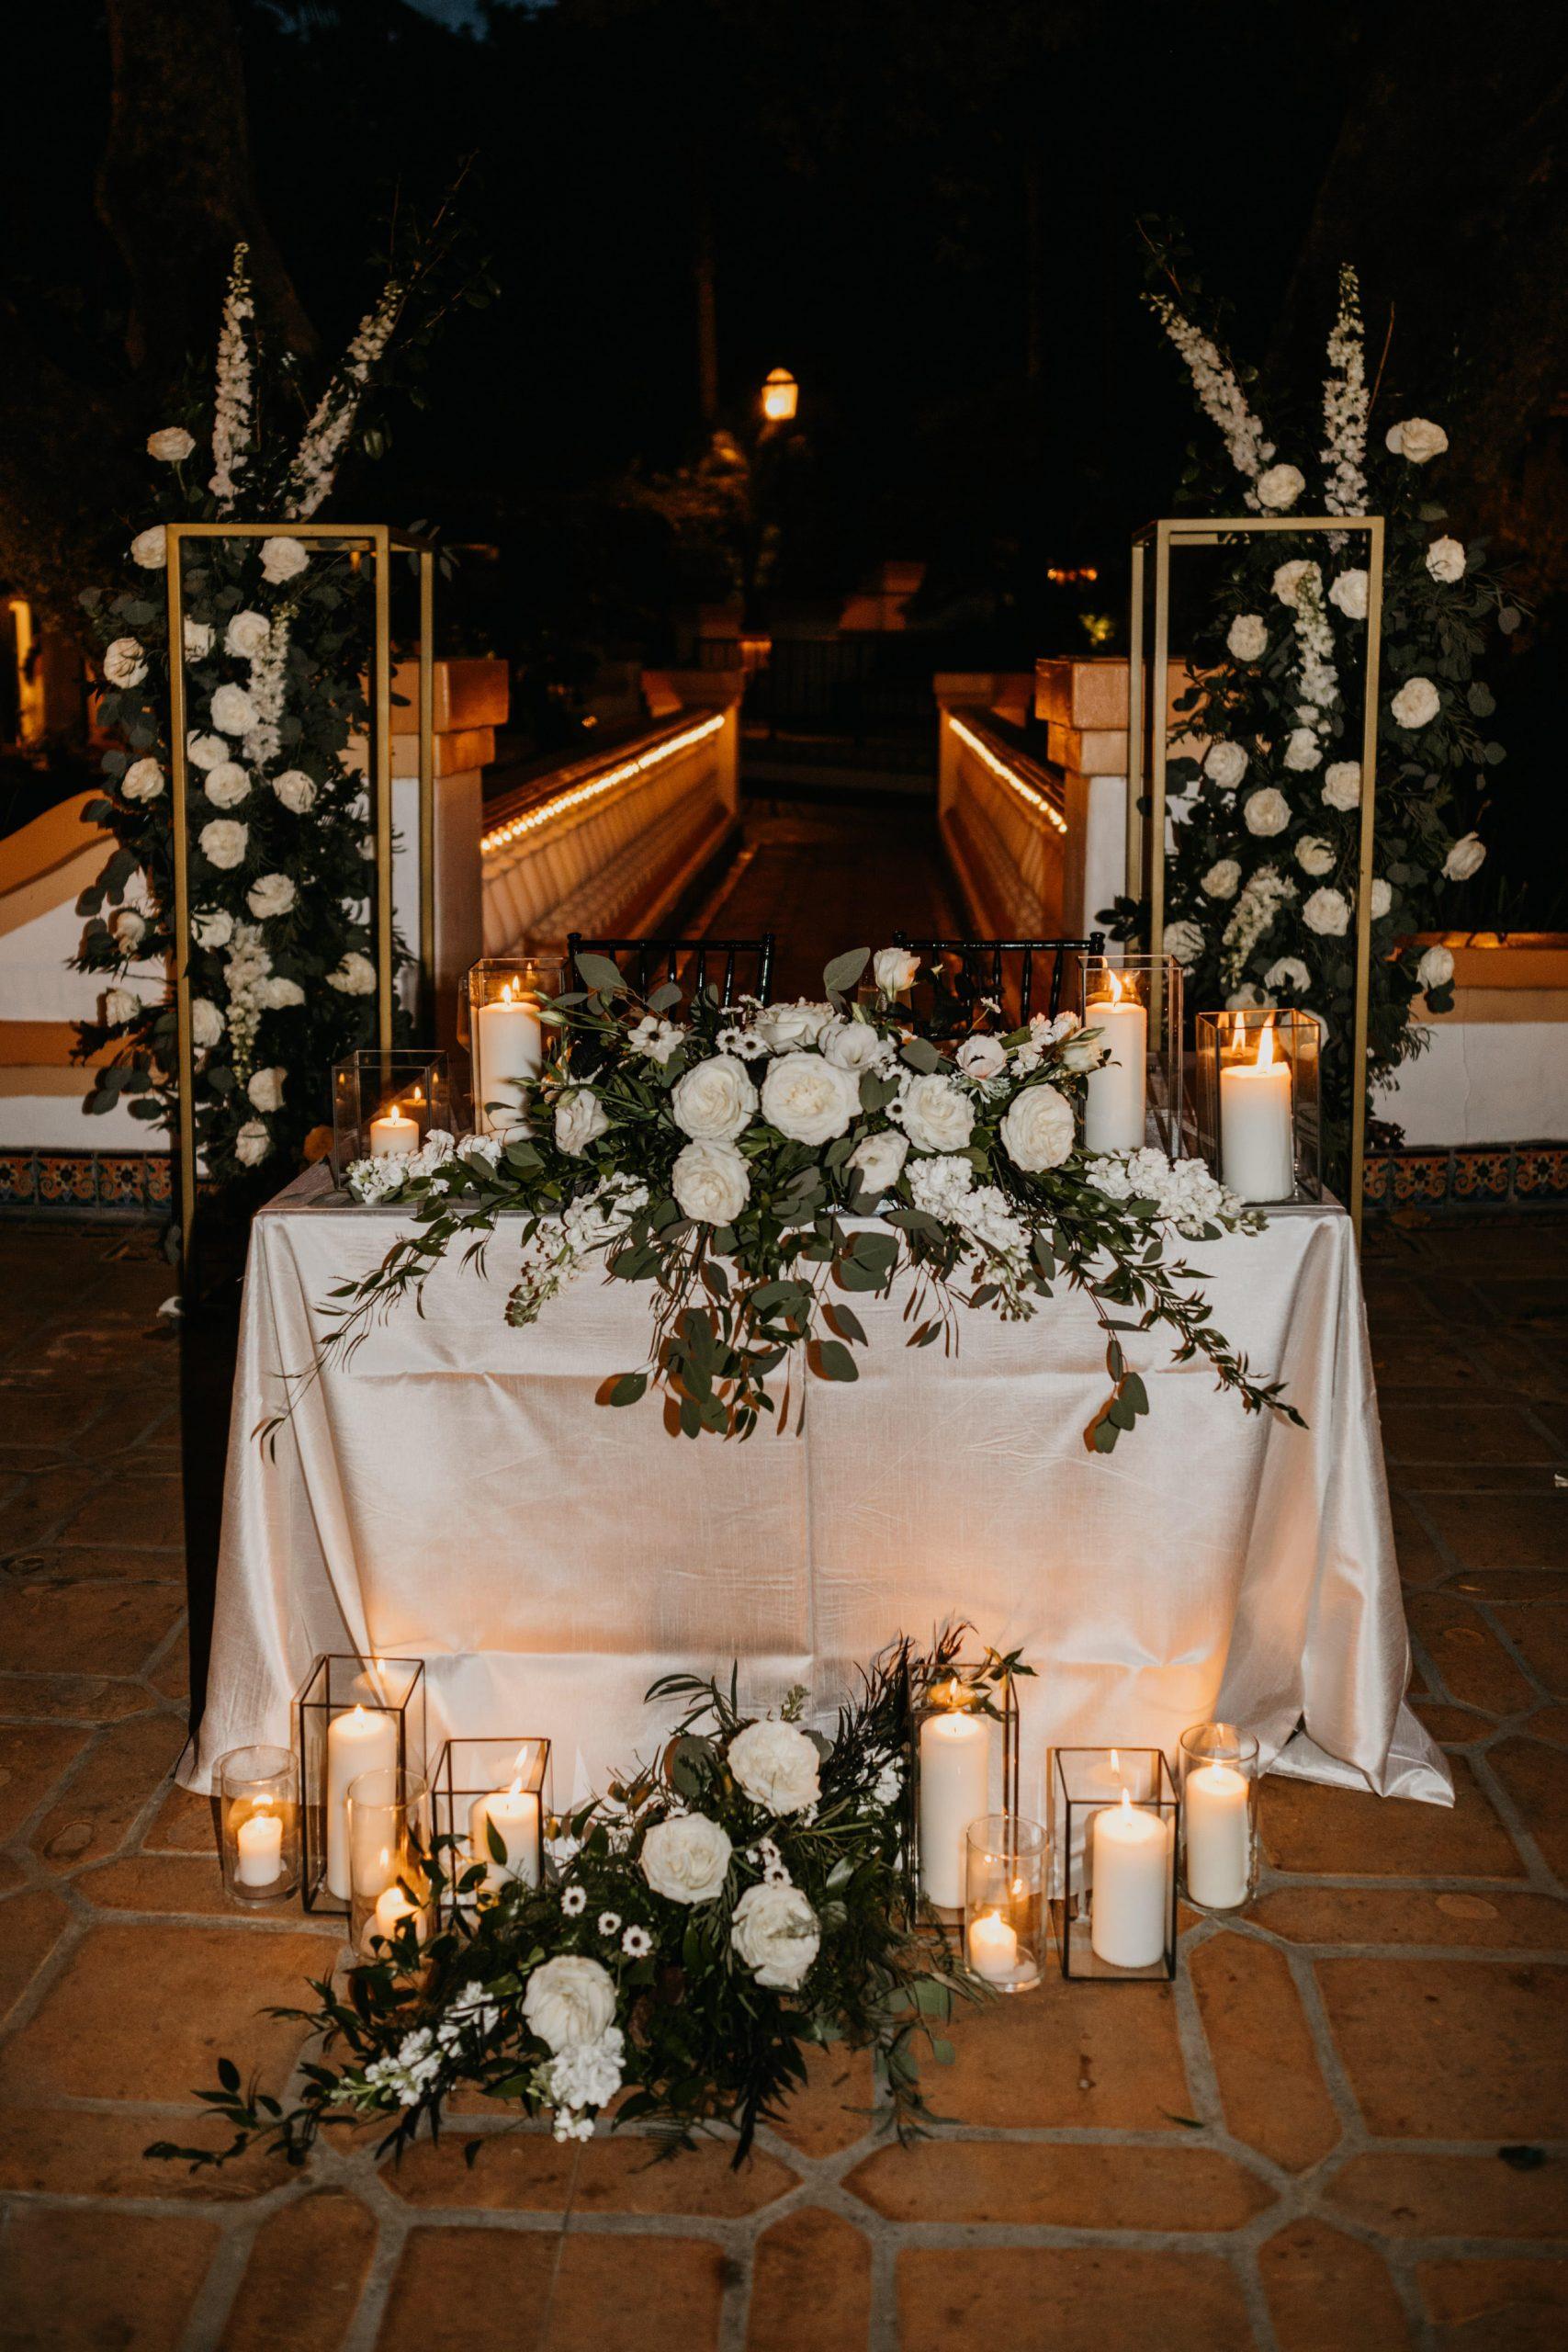 Rancho Las Lomas Wedding Reception Sweetheart Table, image by Fatima Elreda Photo